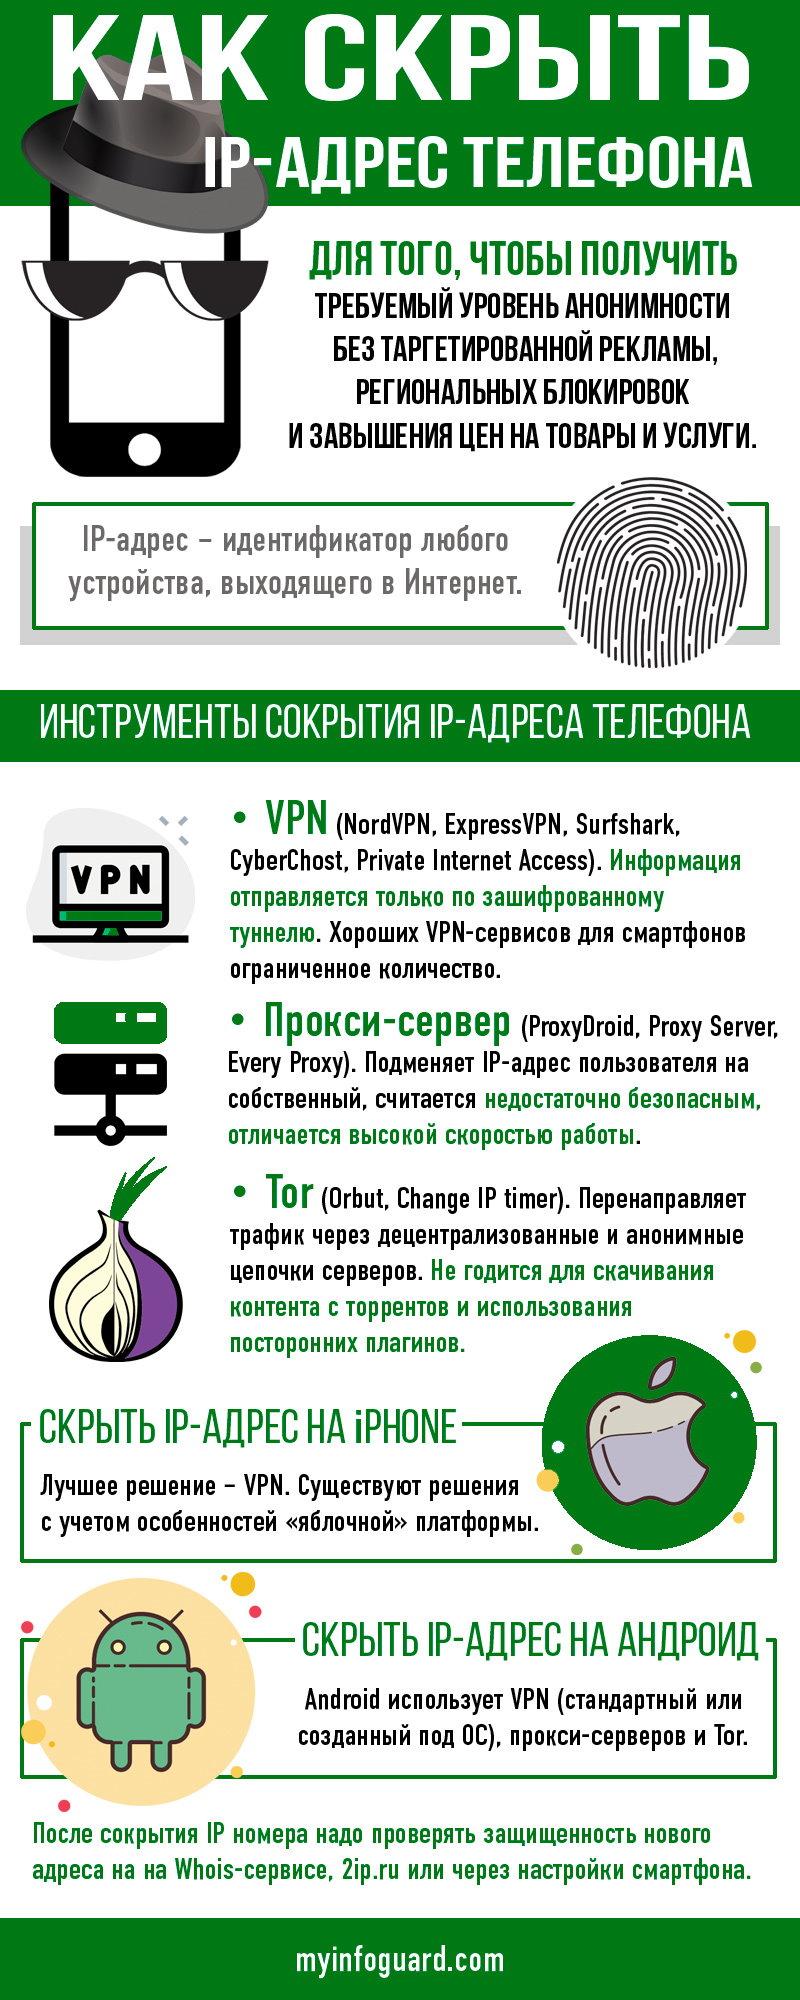 Скрыть IP-адрес телефона